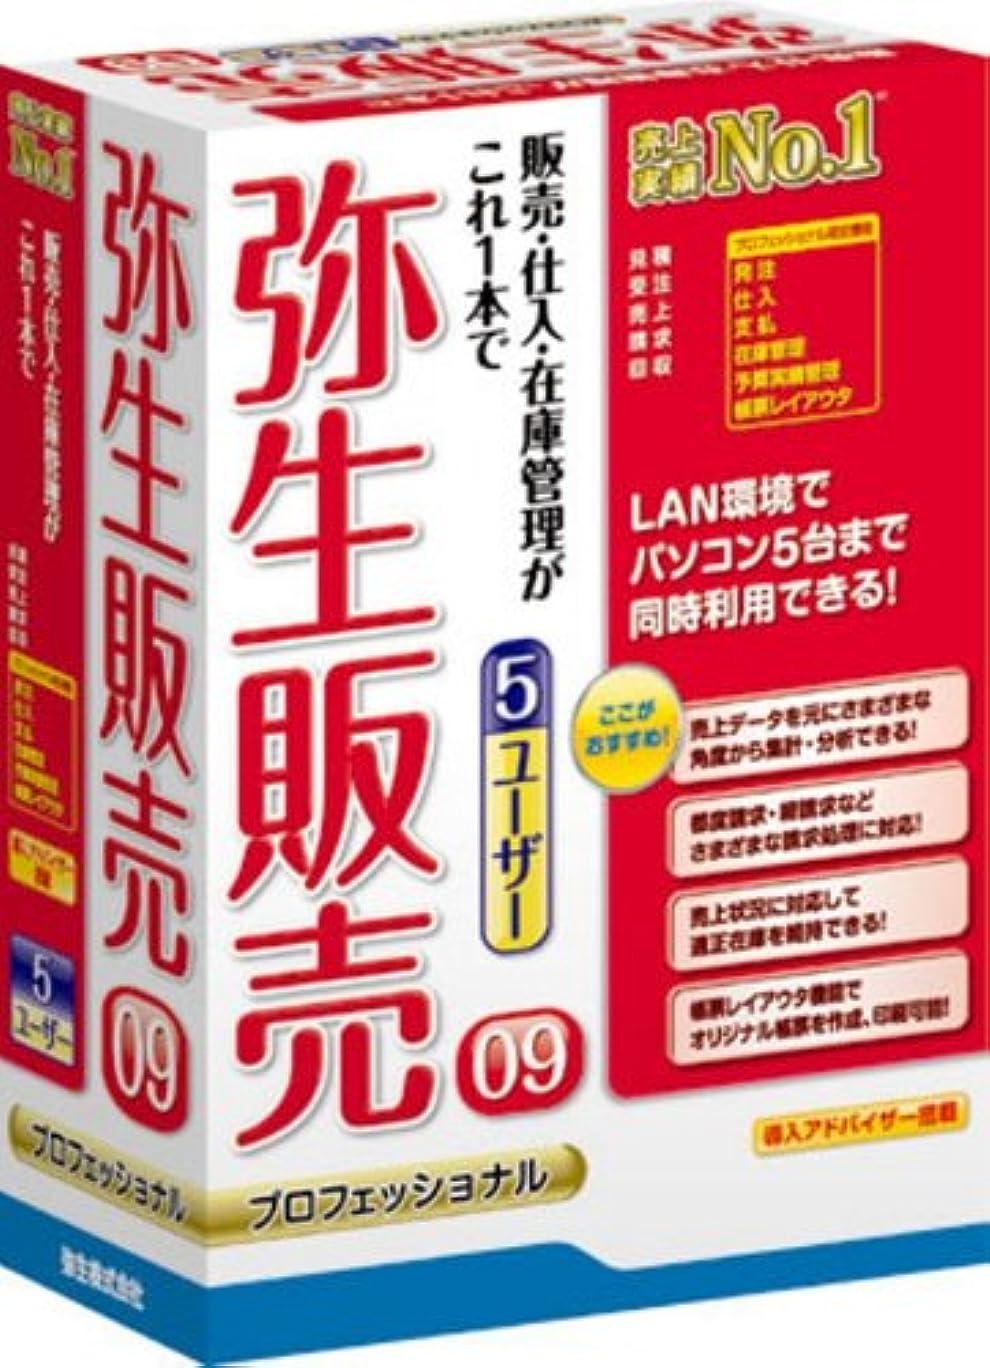 壊滅的なヒステリック天皇【旧商品】弥生販売 09 プロフェッショナル 5ユーザー